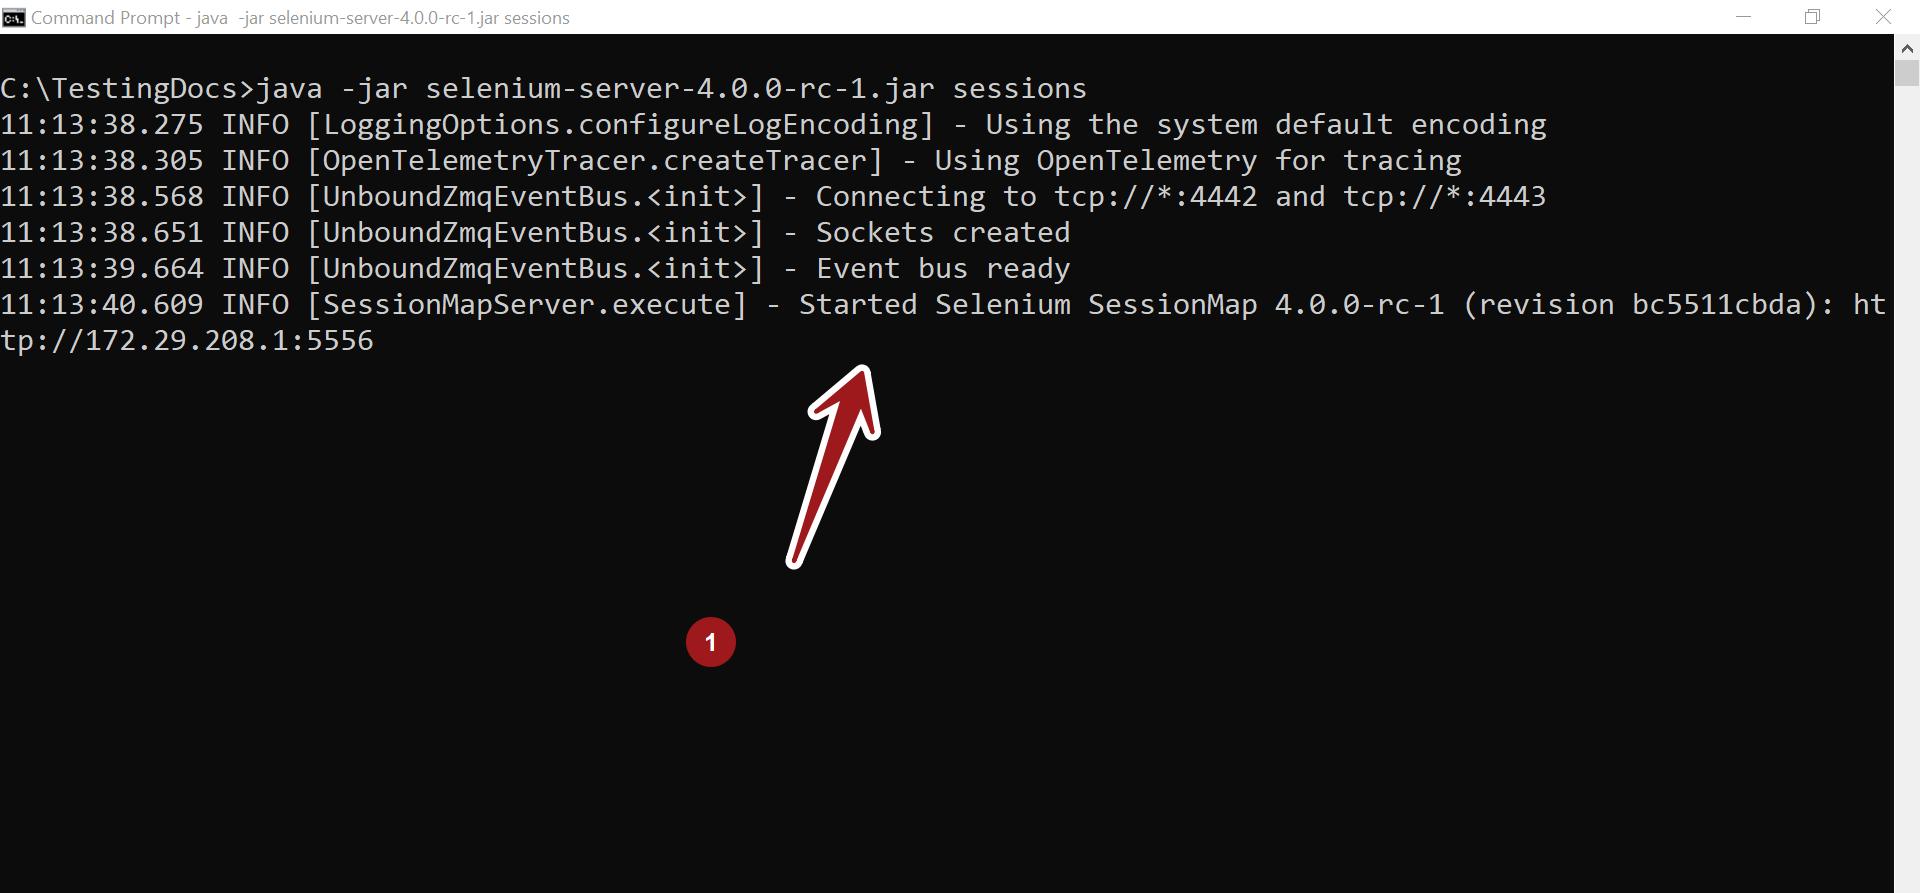 Selenium SessionMap